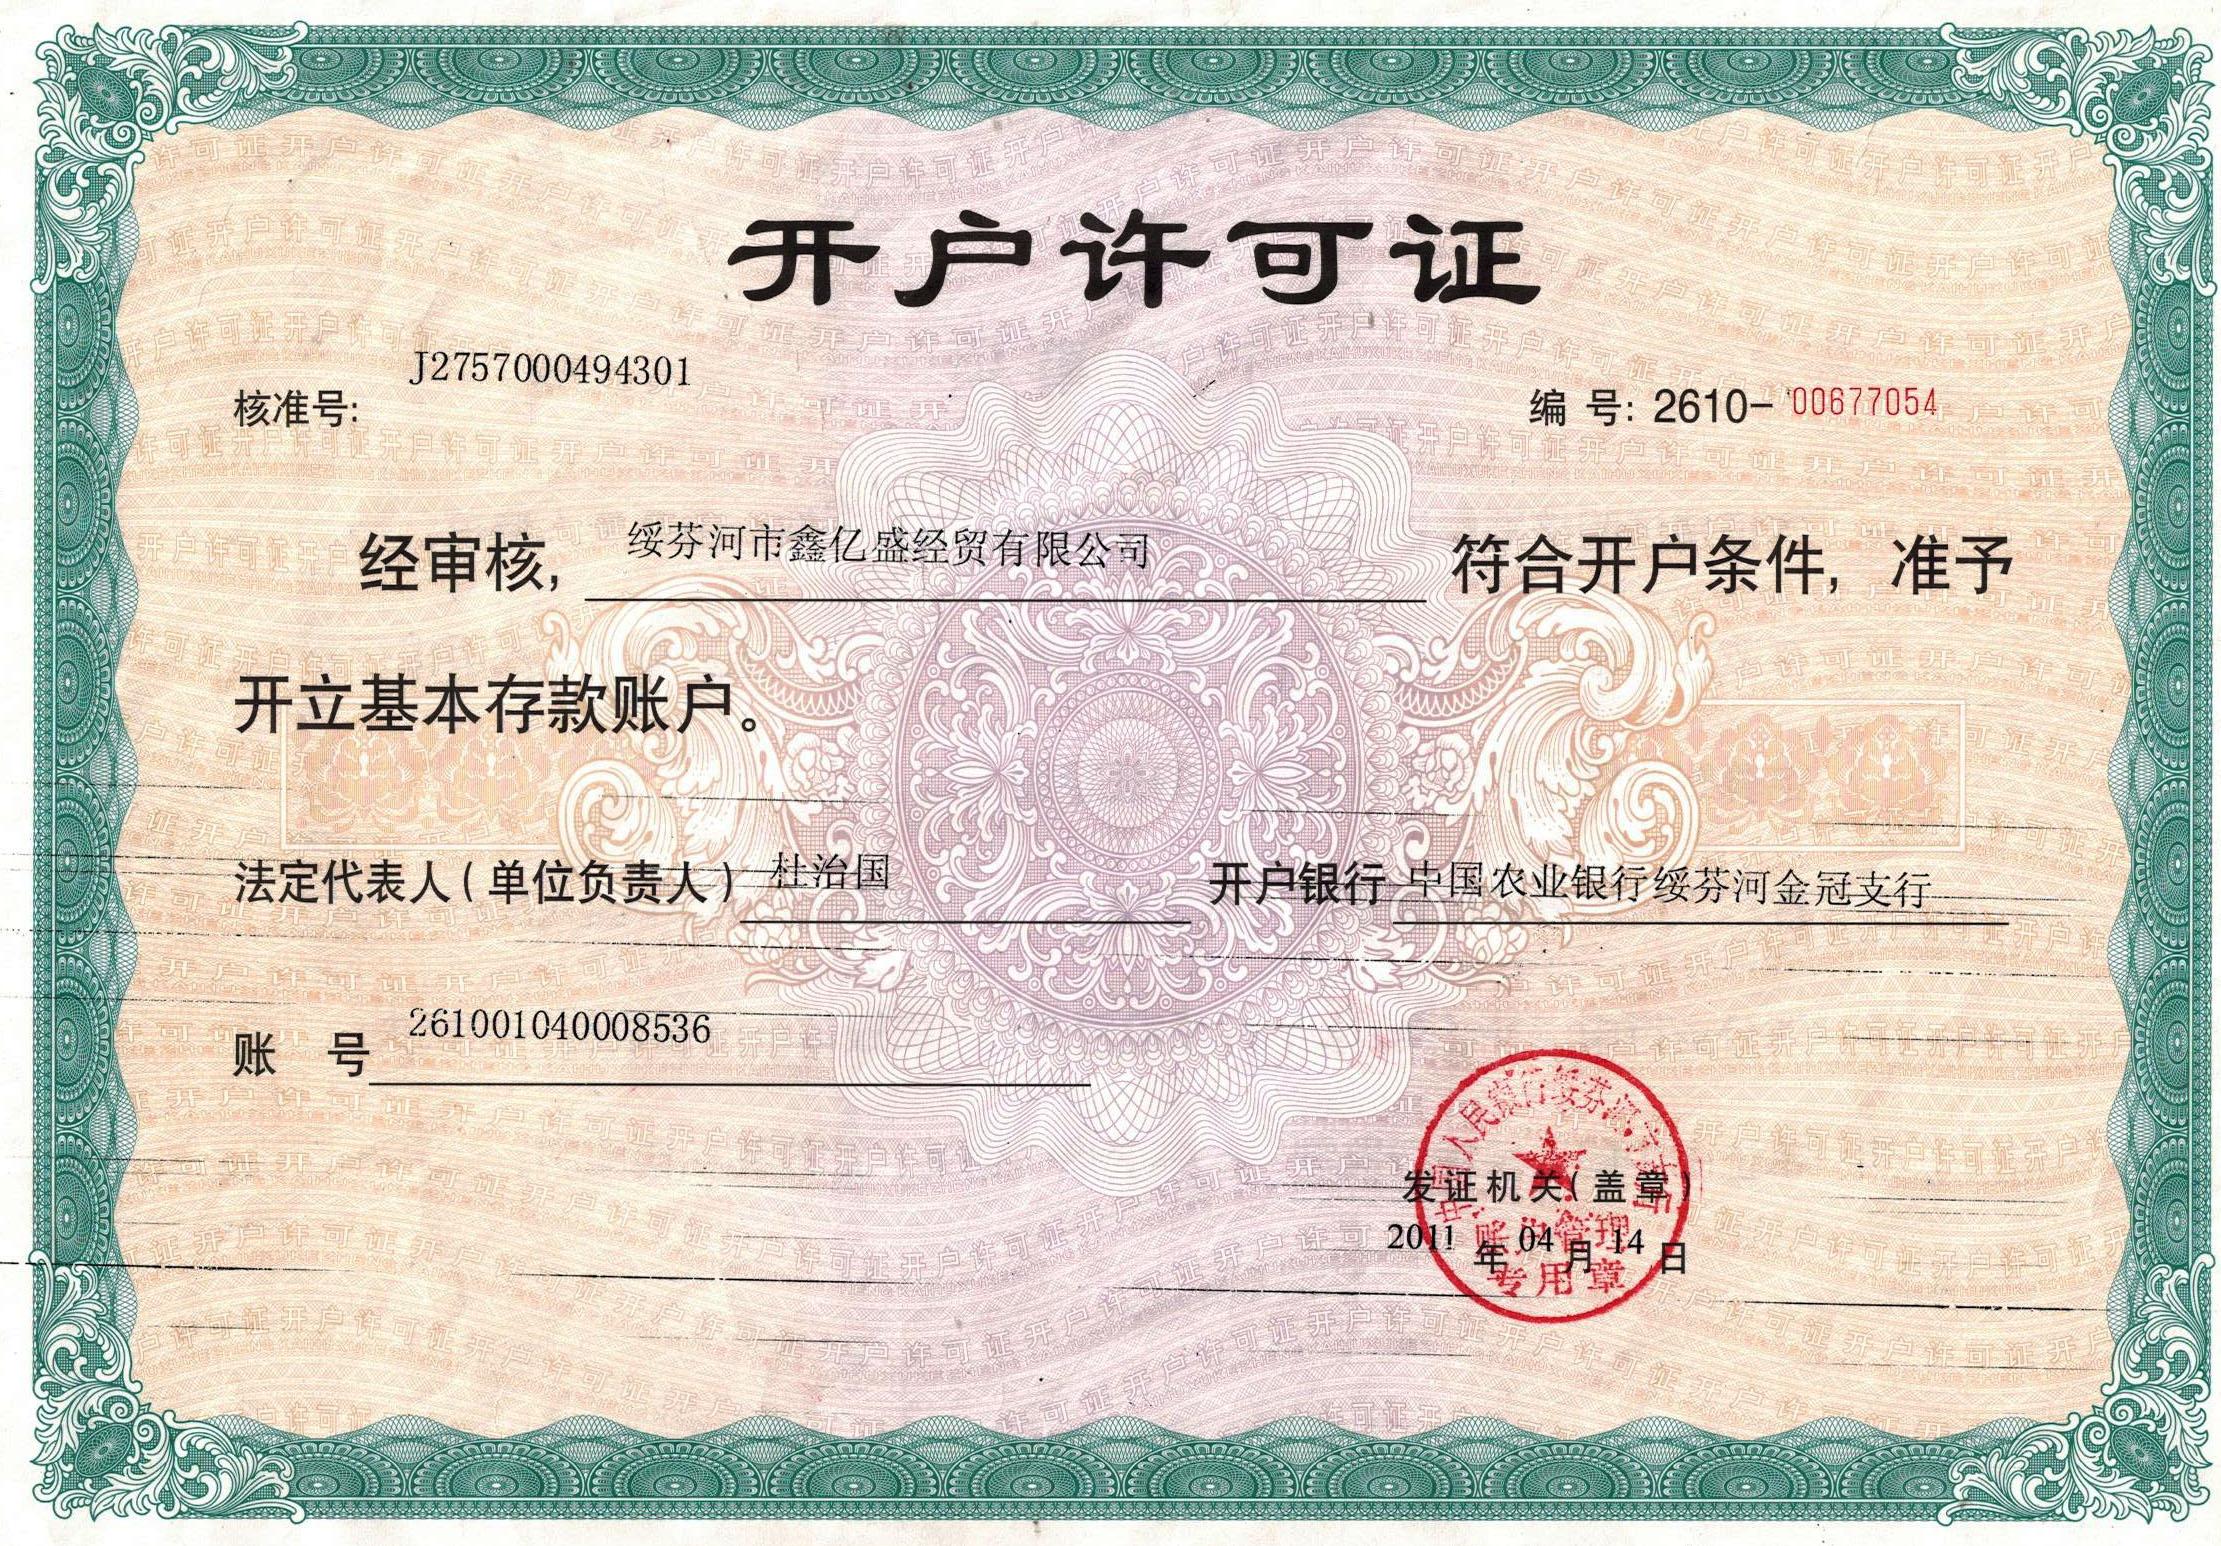 сборный груз из китая